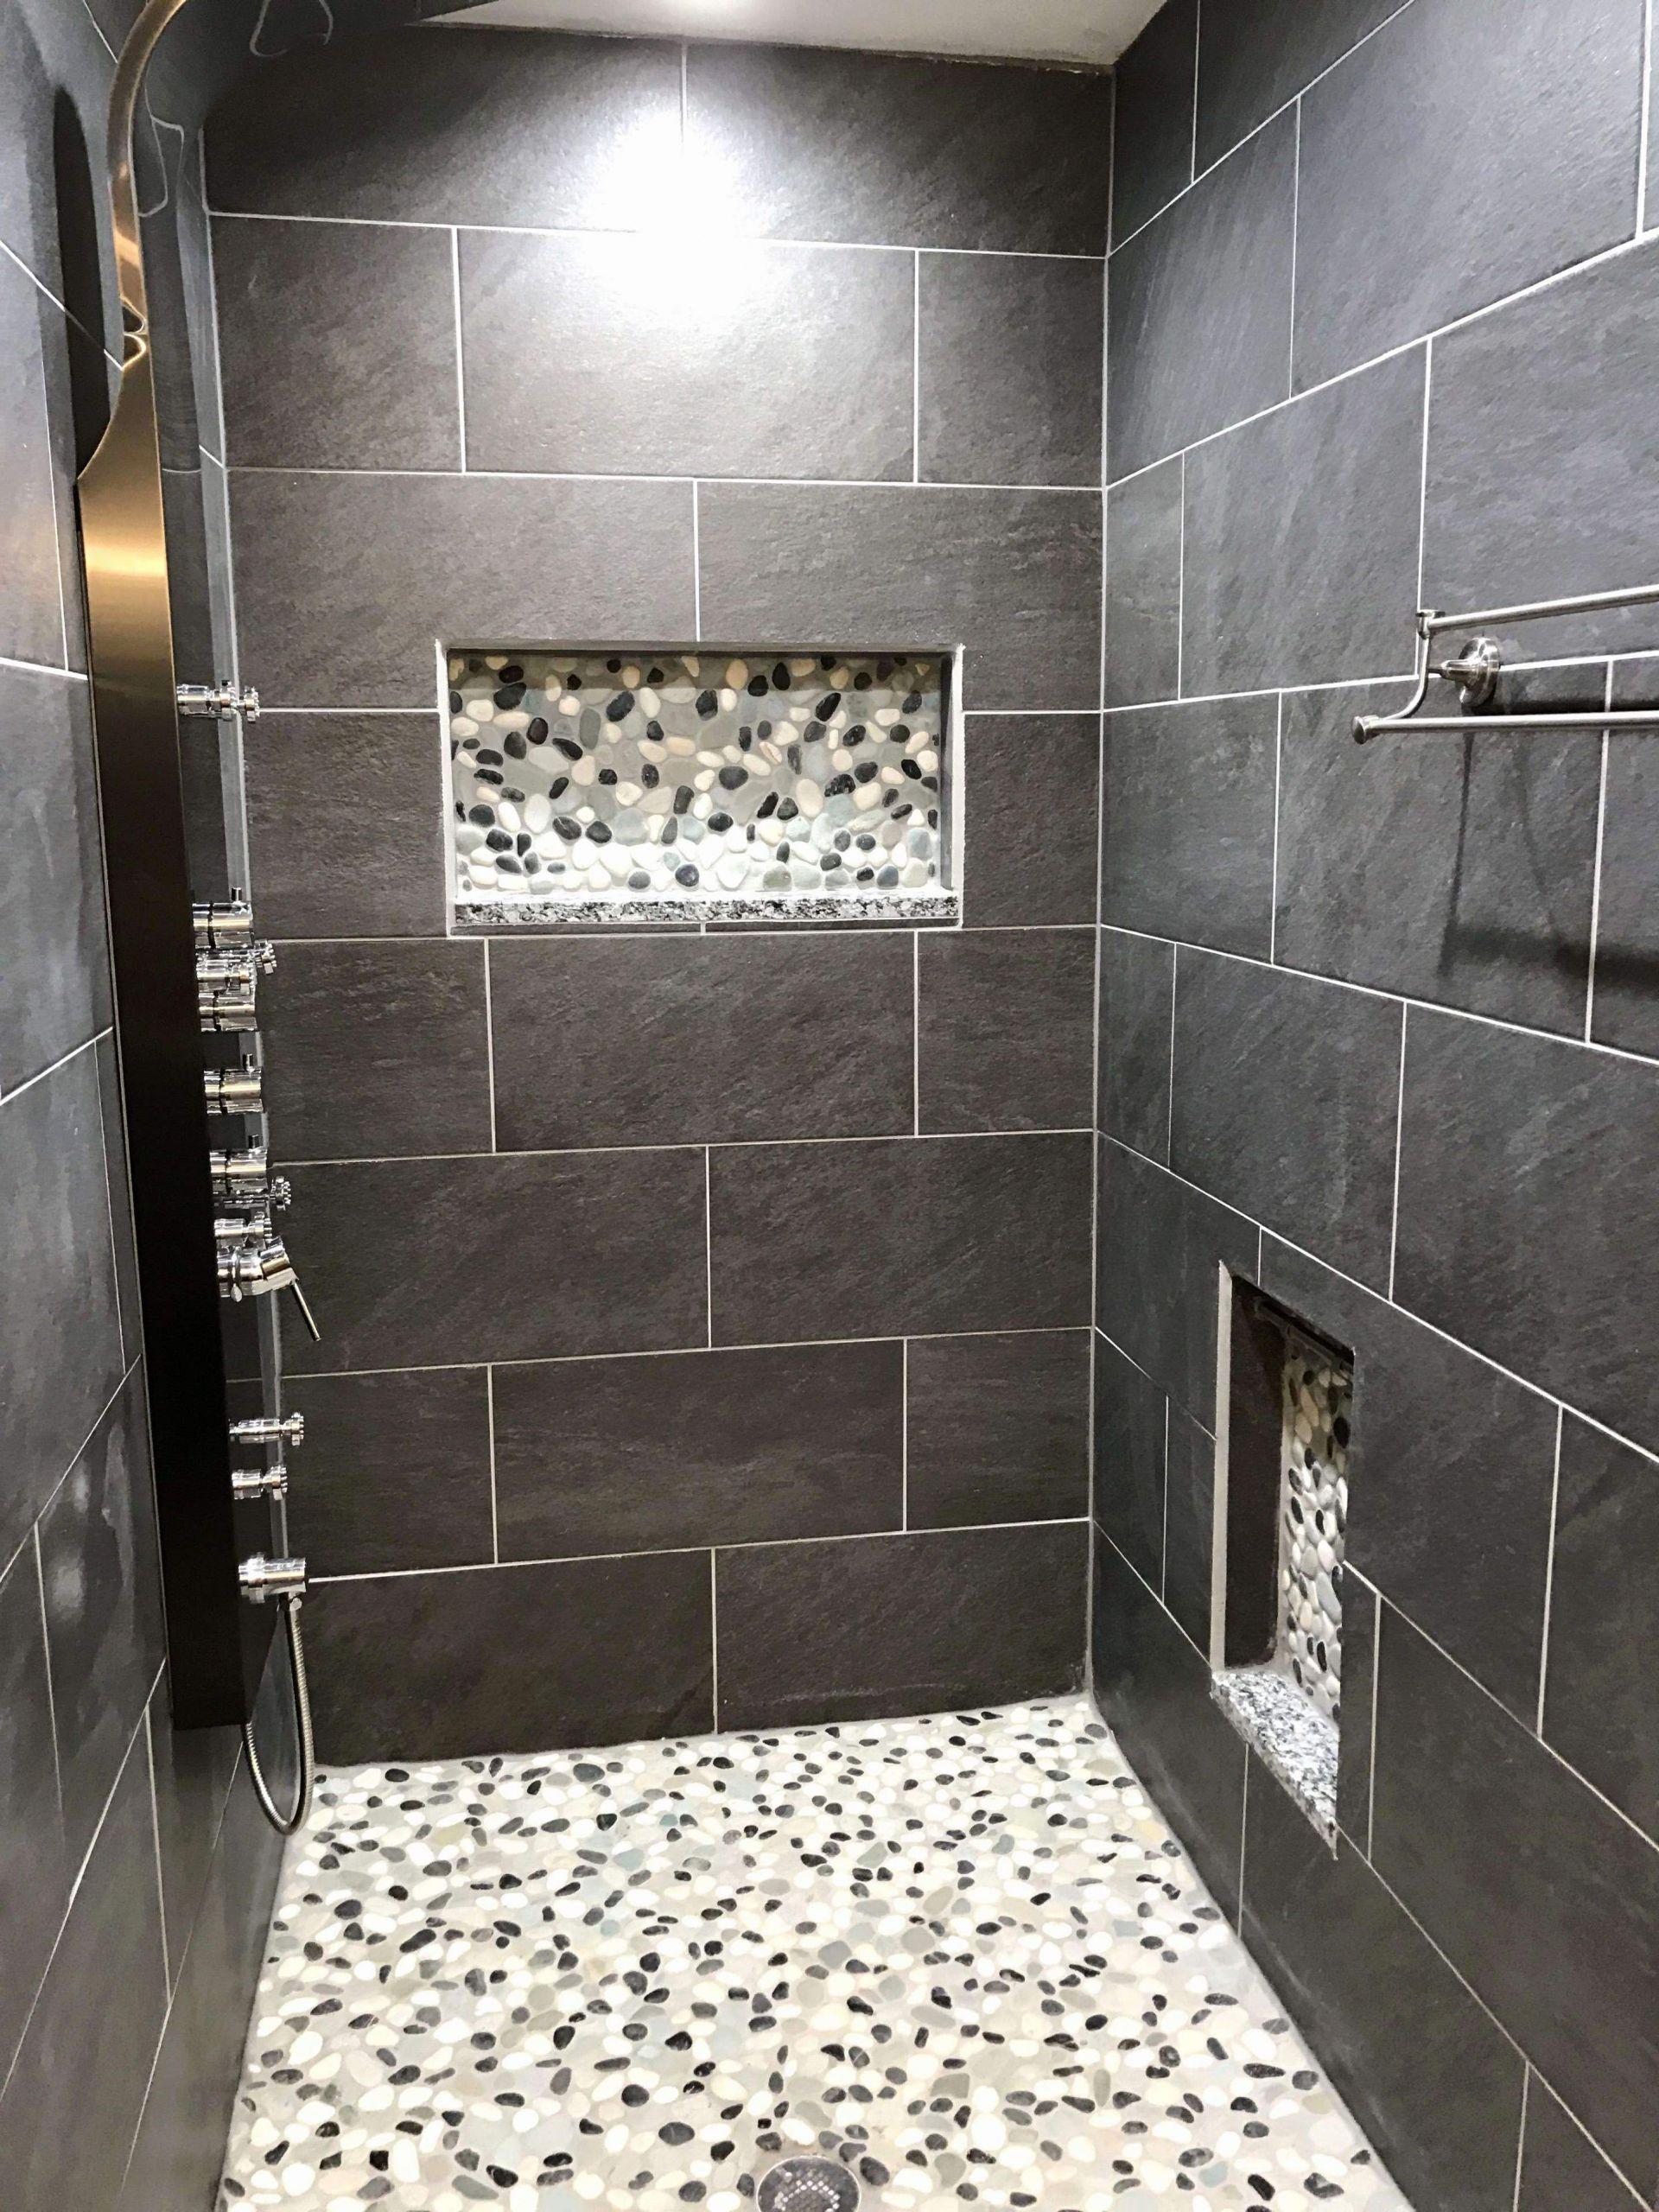 garten badewanne inspirierend luxus badewanne besten dusche ohne duschen in der badewanne duschen in der badewanne